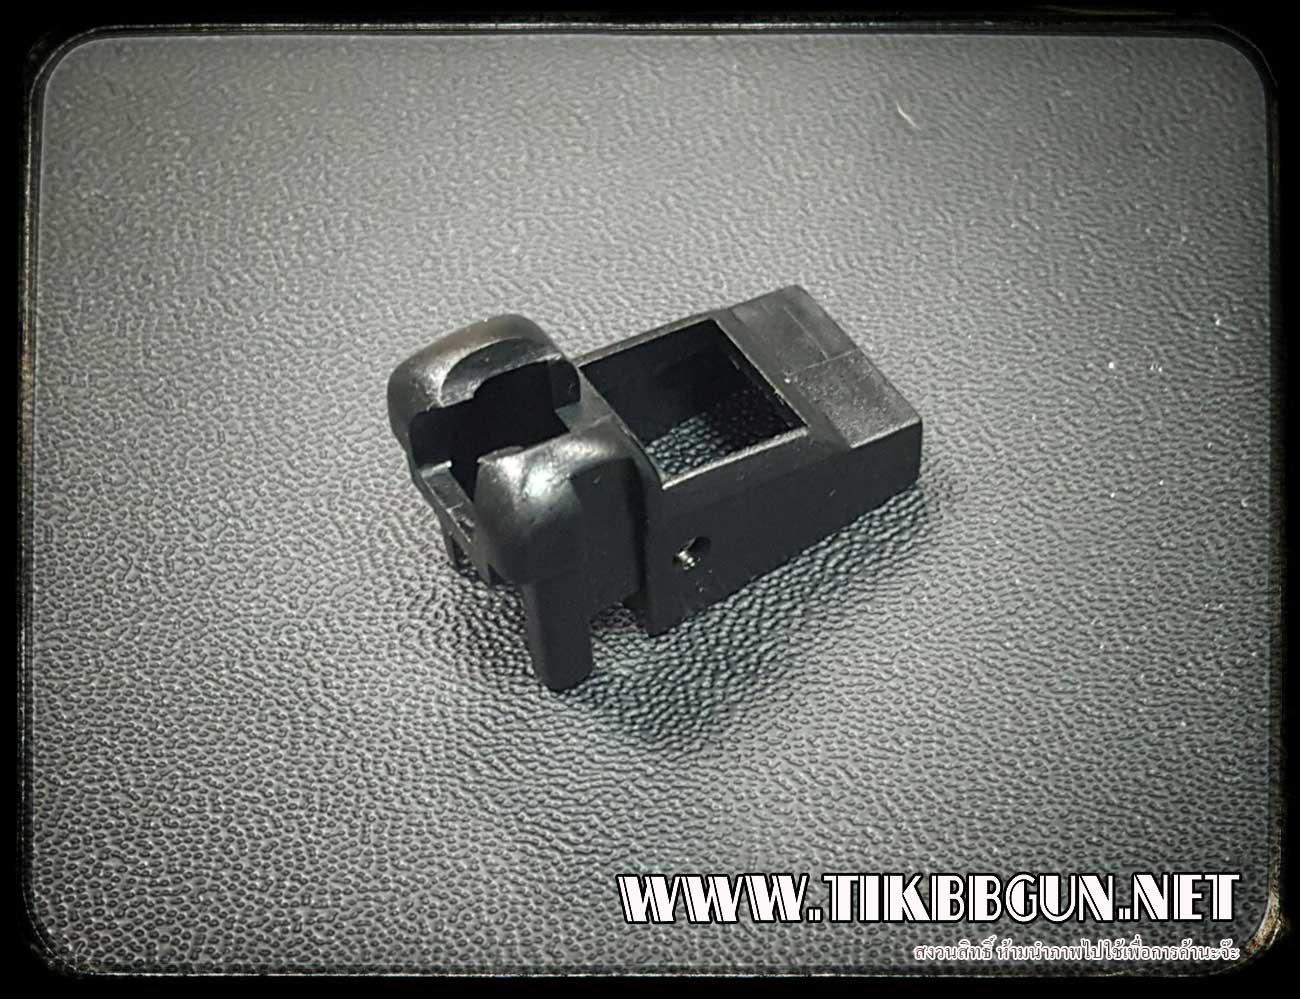 ปากแม๊กแม๊กสำหรับปืนแก๊สโบลว์แบล็ค (GBB) M92 WE